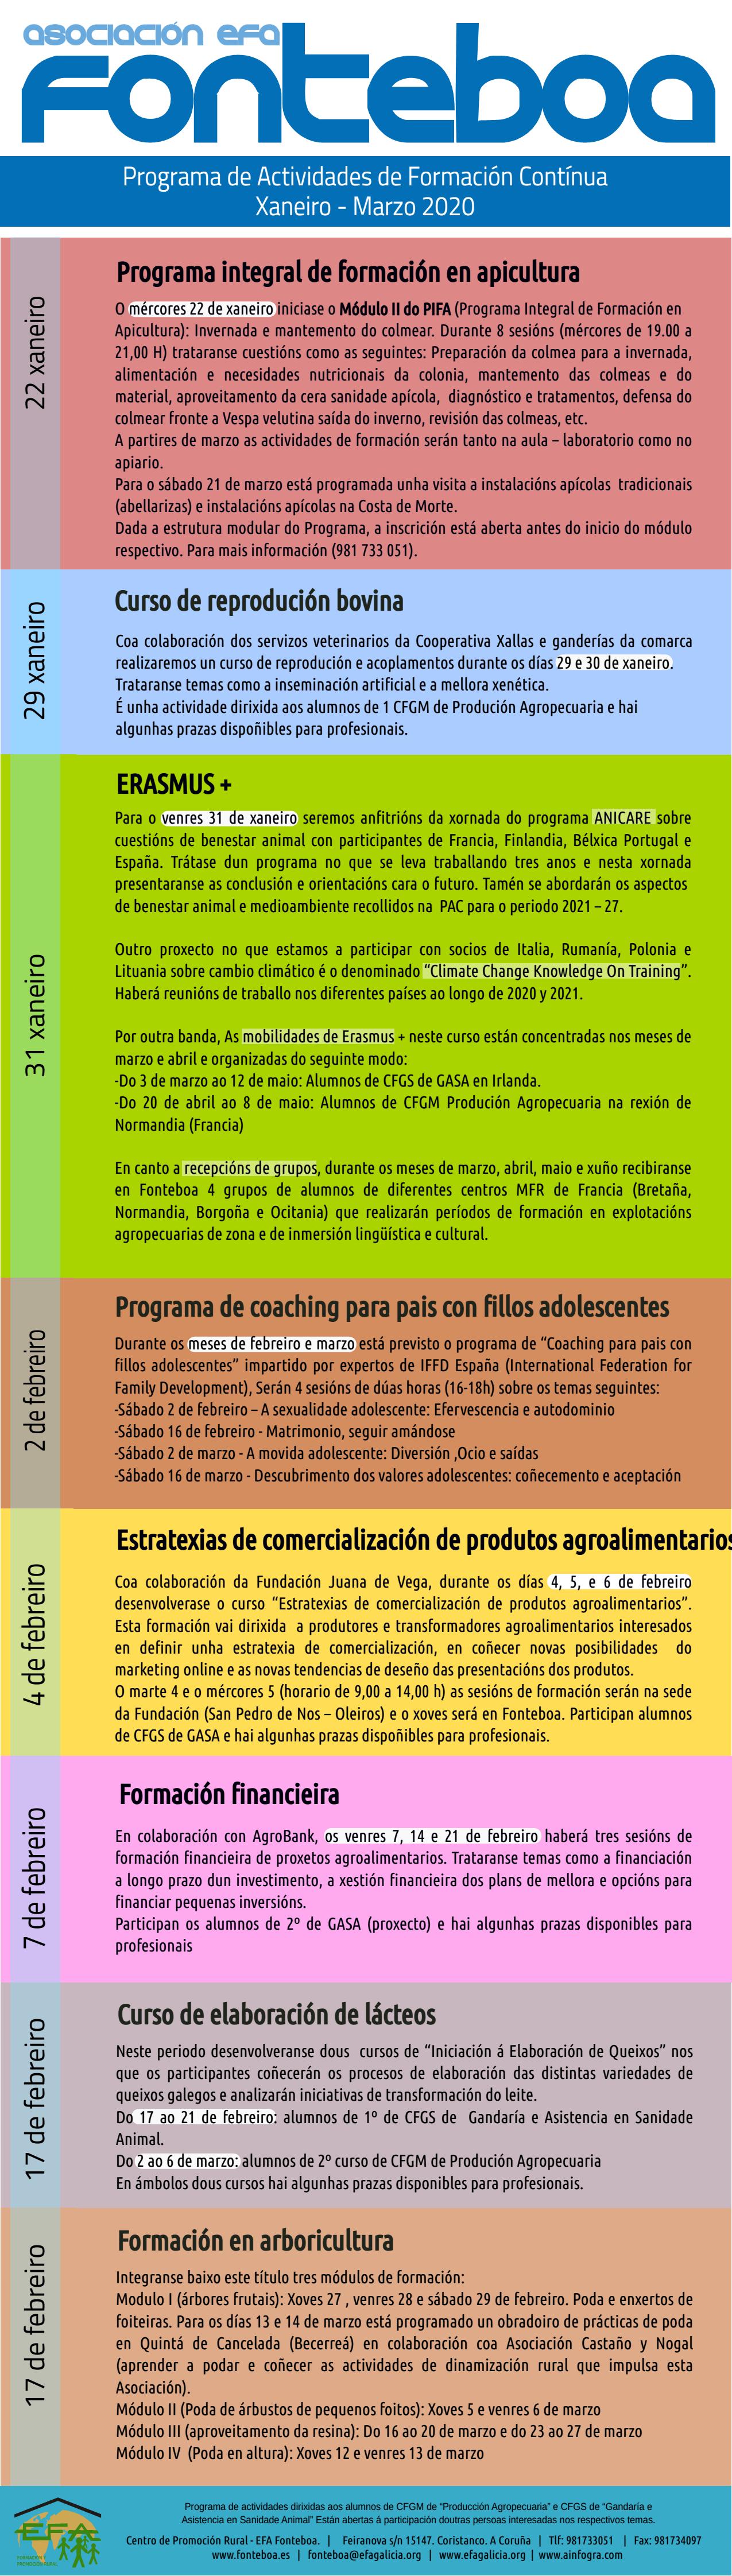 FONTEBOA PROGRAMACION